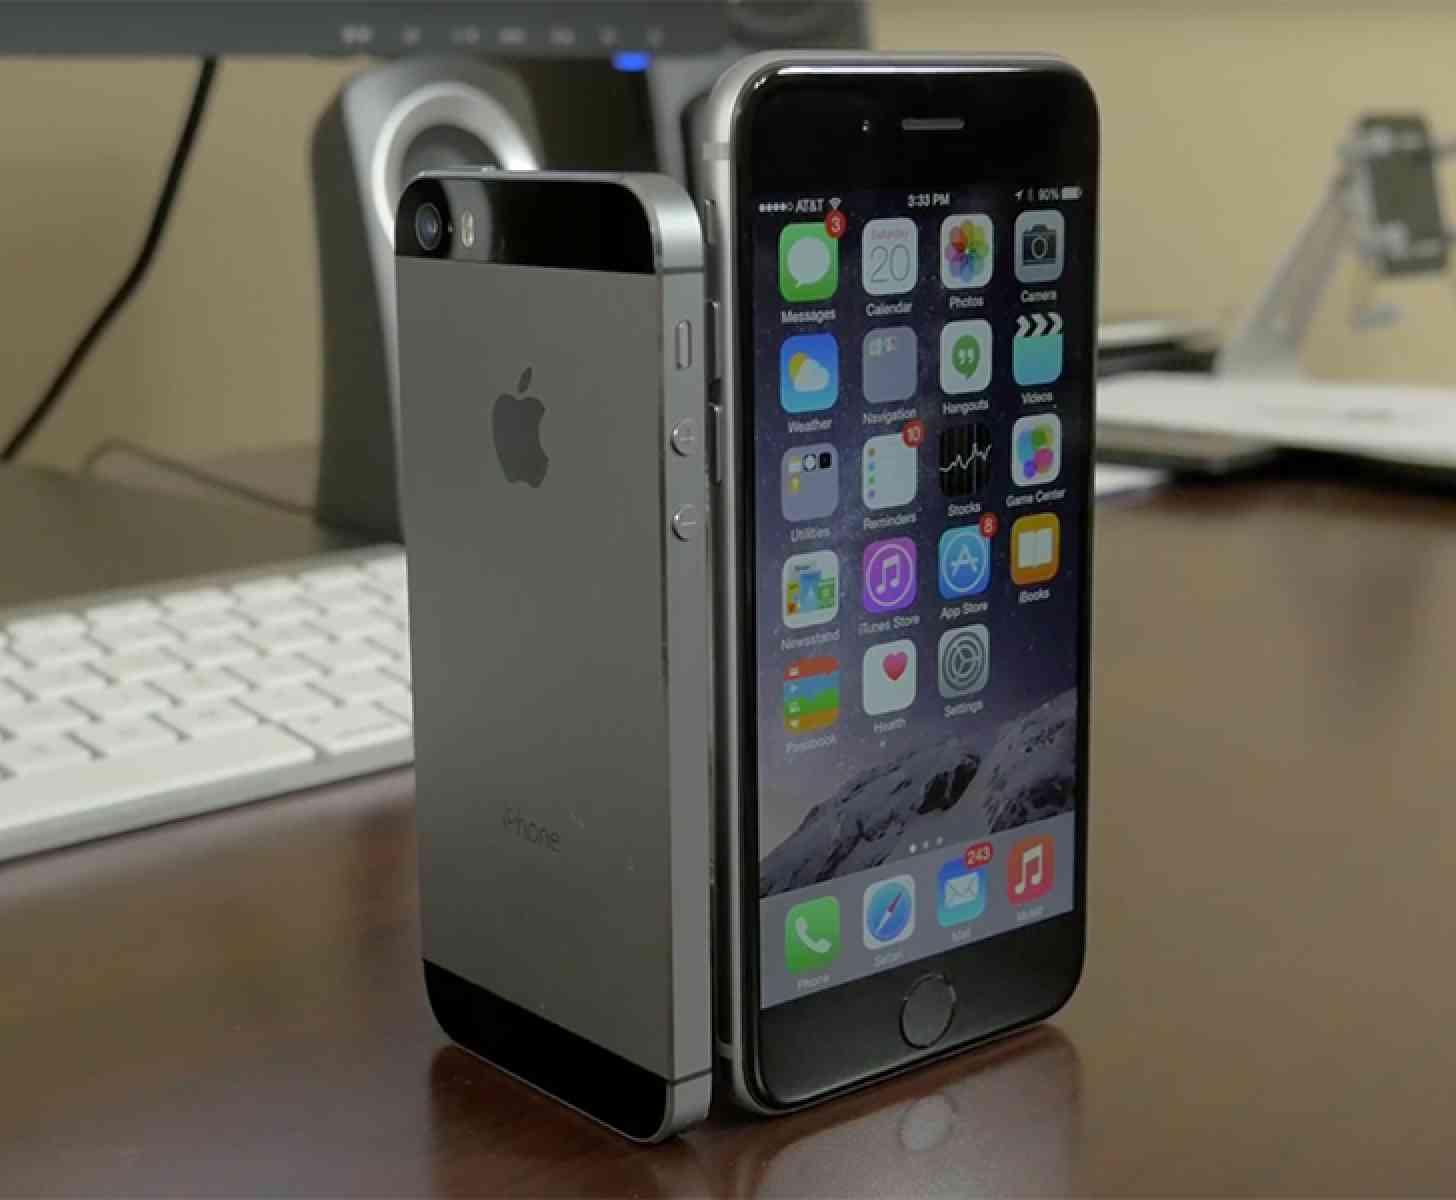 iPhone 5, iPhone 6 comparison